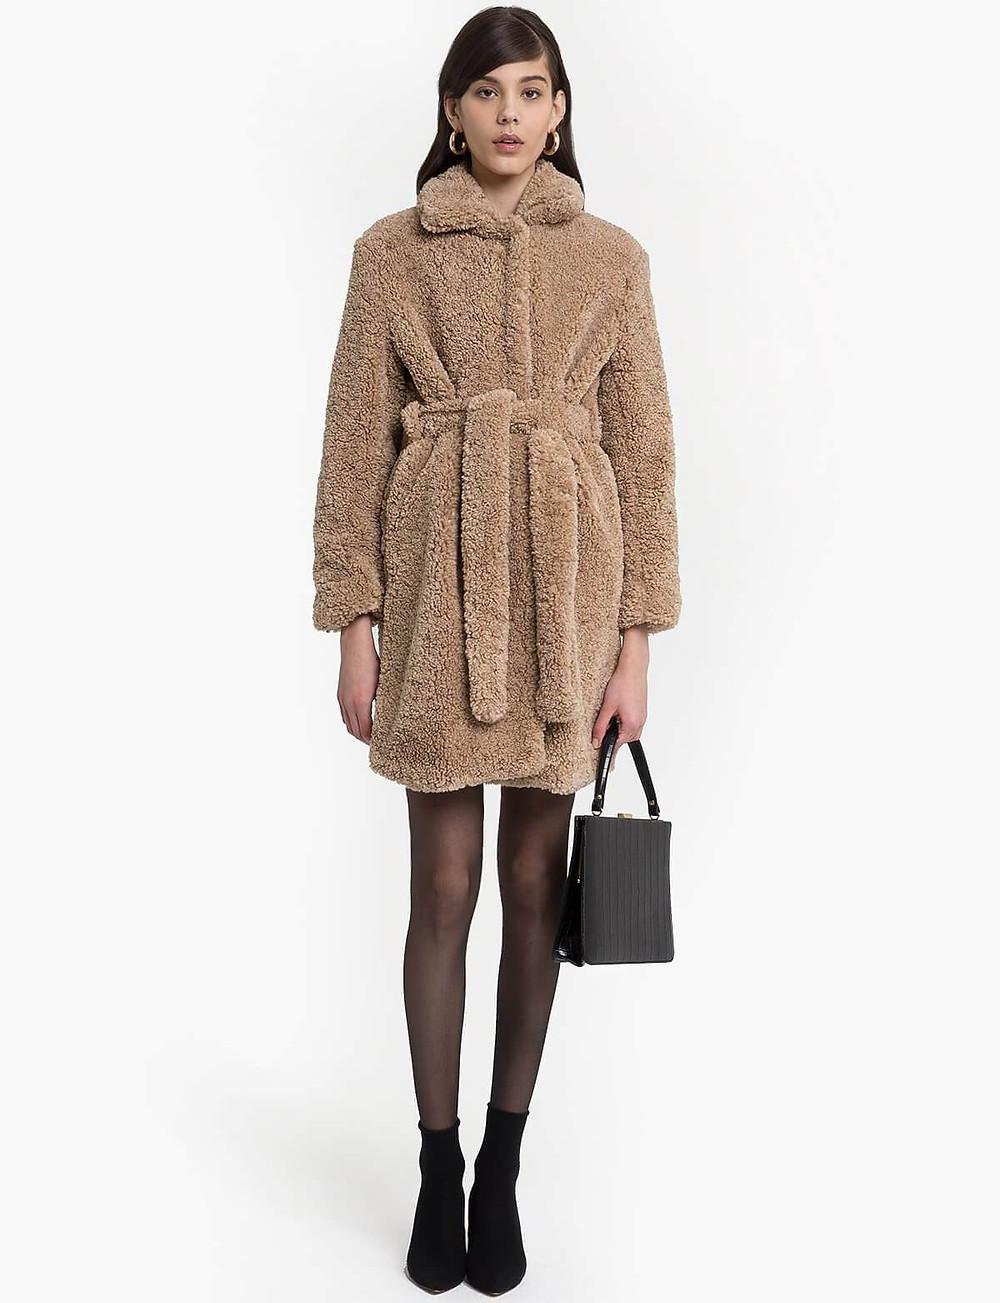 Pixie Market Beige Belted Faux Fur Robe Coat $295